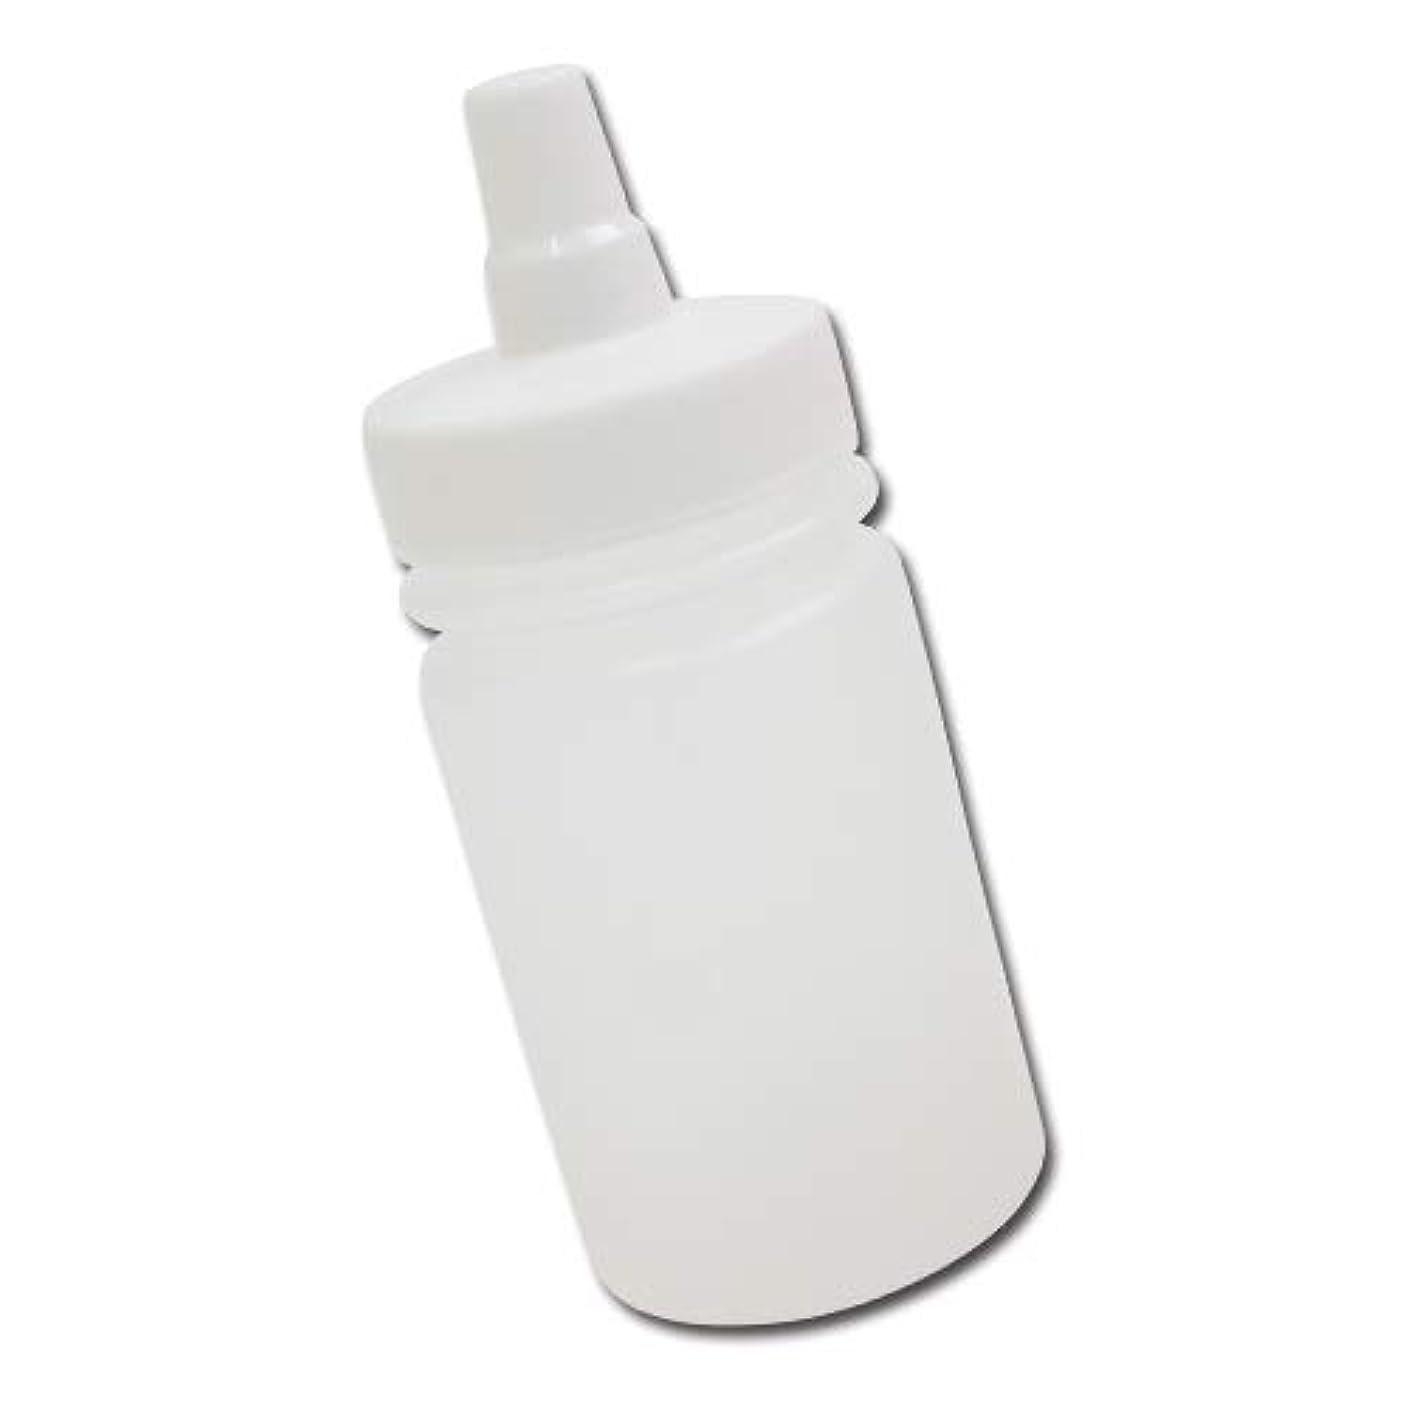 生き残り生き残り開示するはちみつ容器100ml(ホワイトキャップ)│ストレート型 業務用ローションや調味料の小分けに詰め替え用ハチミツ容器(蜂蜜容器)はちみつボトル